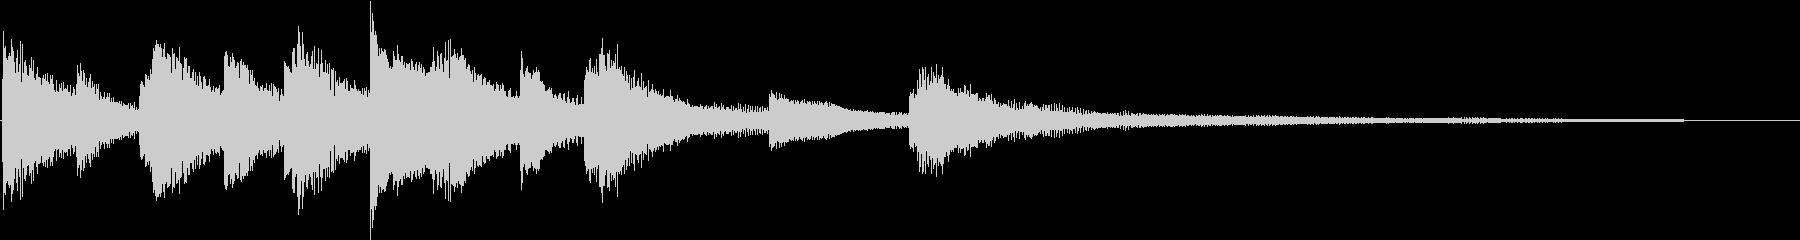 短めの穏やかなピアノのフレーズの未再生の波形